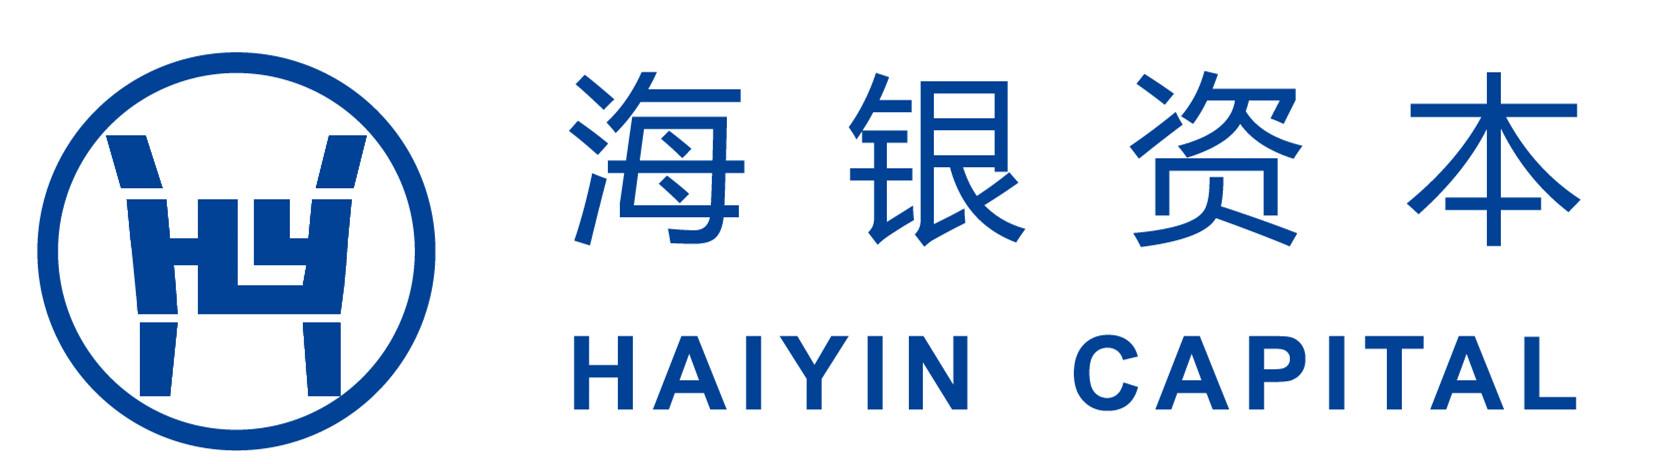 荒岛特训logo